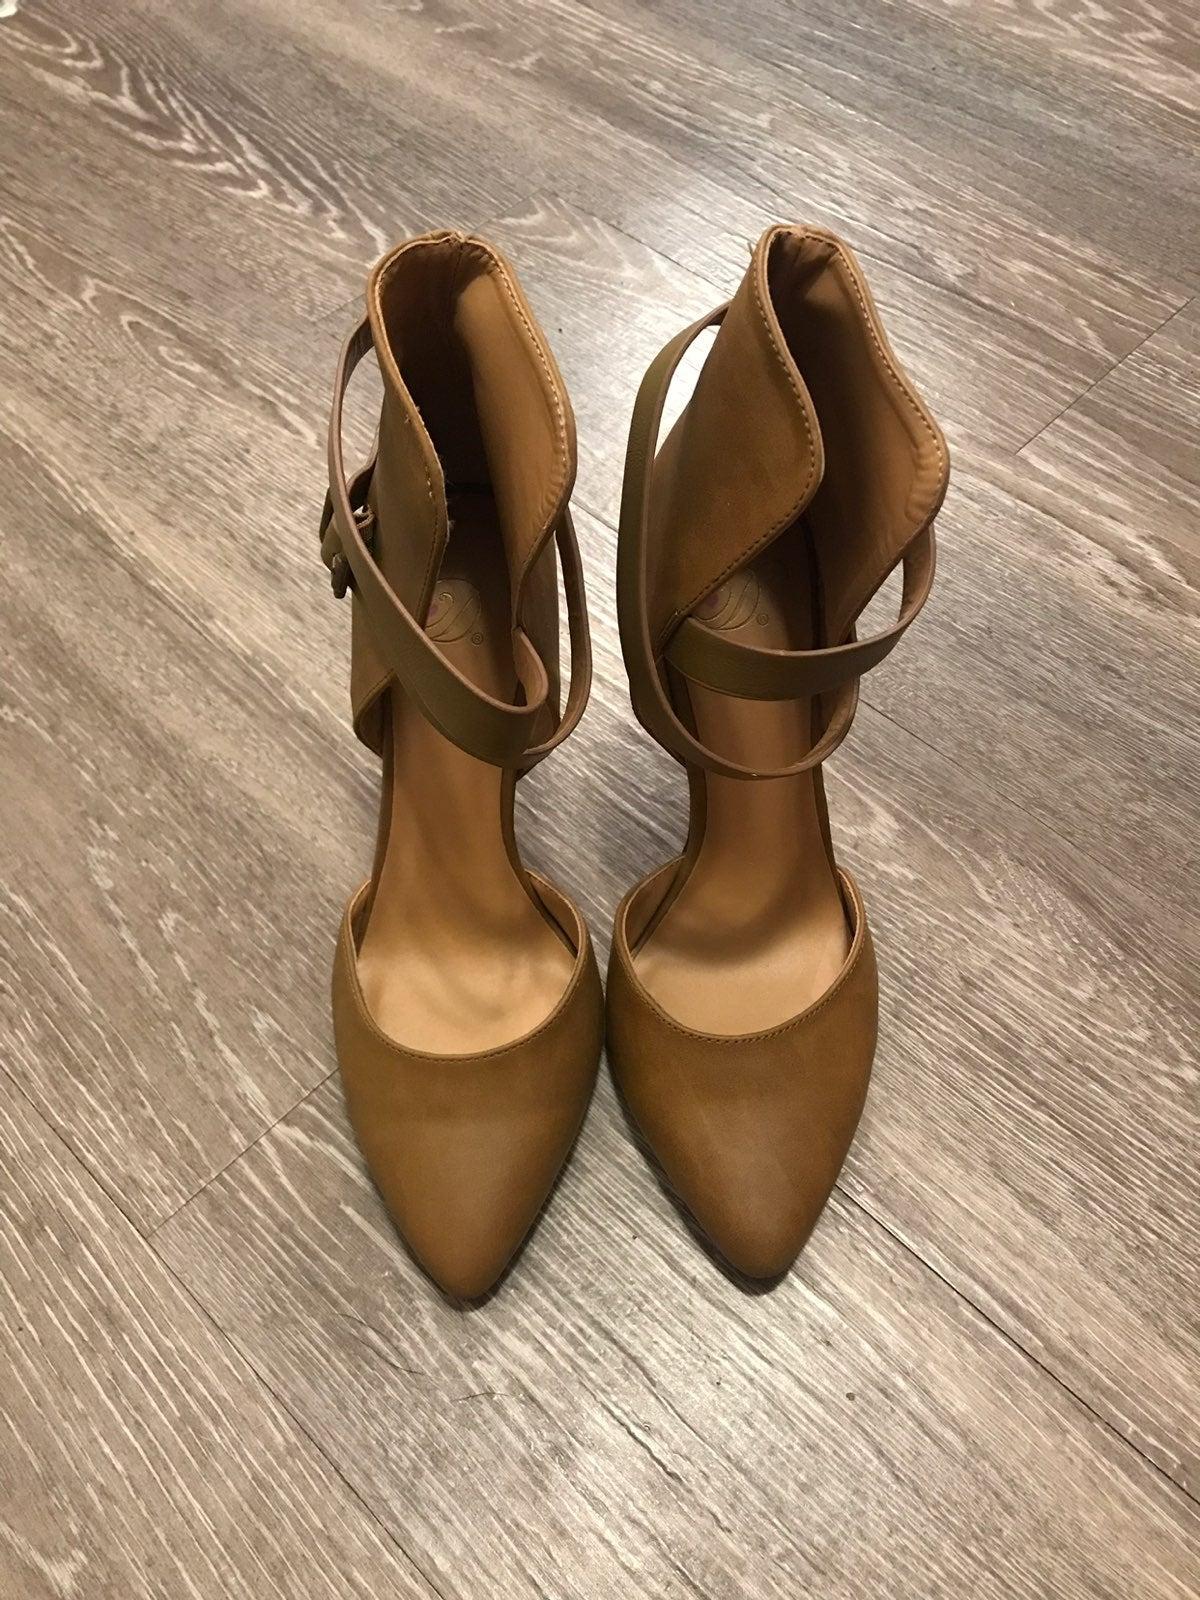 Charlotte Russe Brown D'Orsay Heels